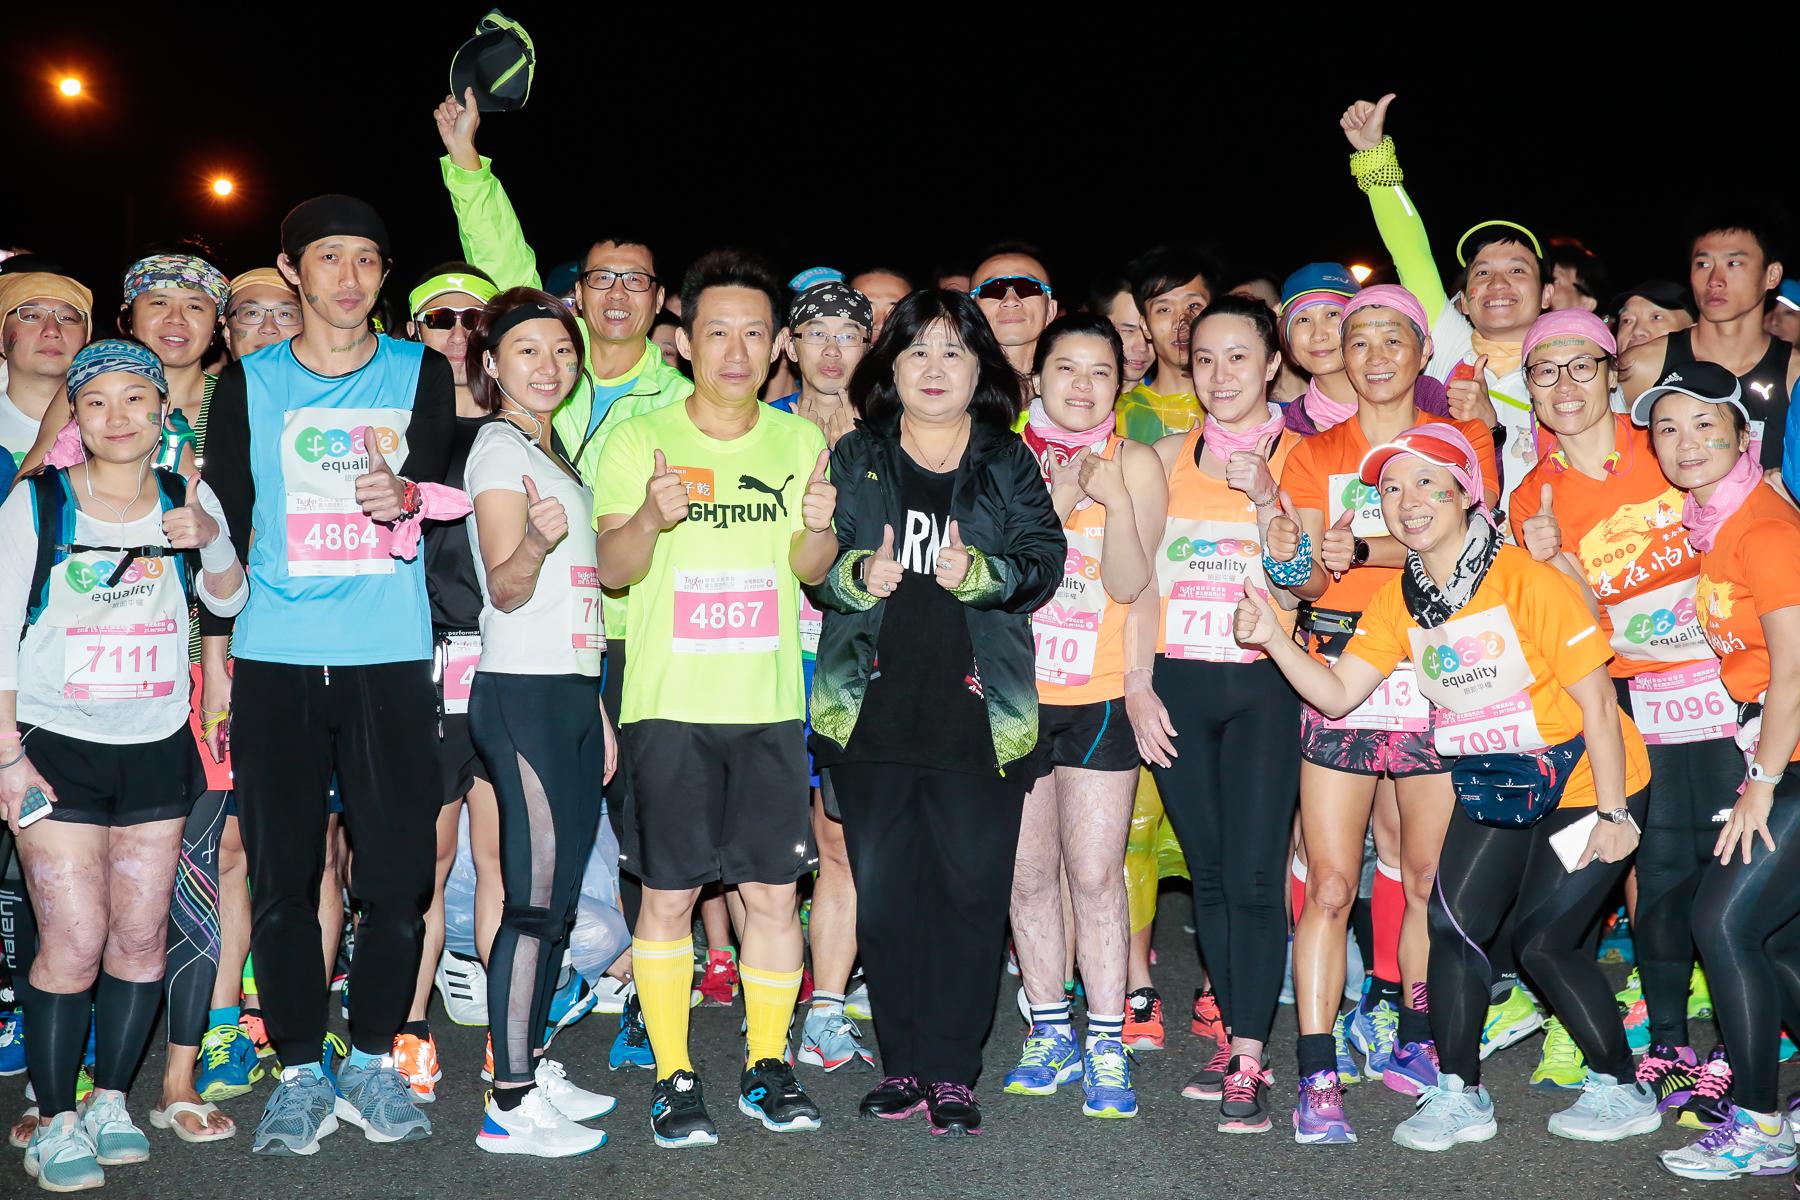 小曠老師(右4)與傷友一同參加臉部平權國道馬拉松路跑活動。圖/陽光基金會提供